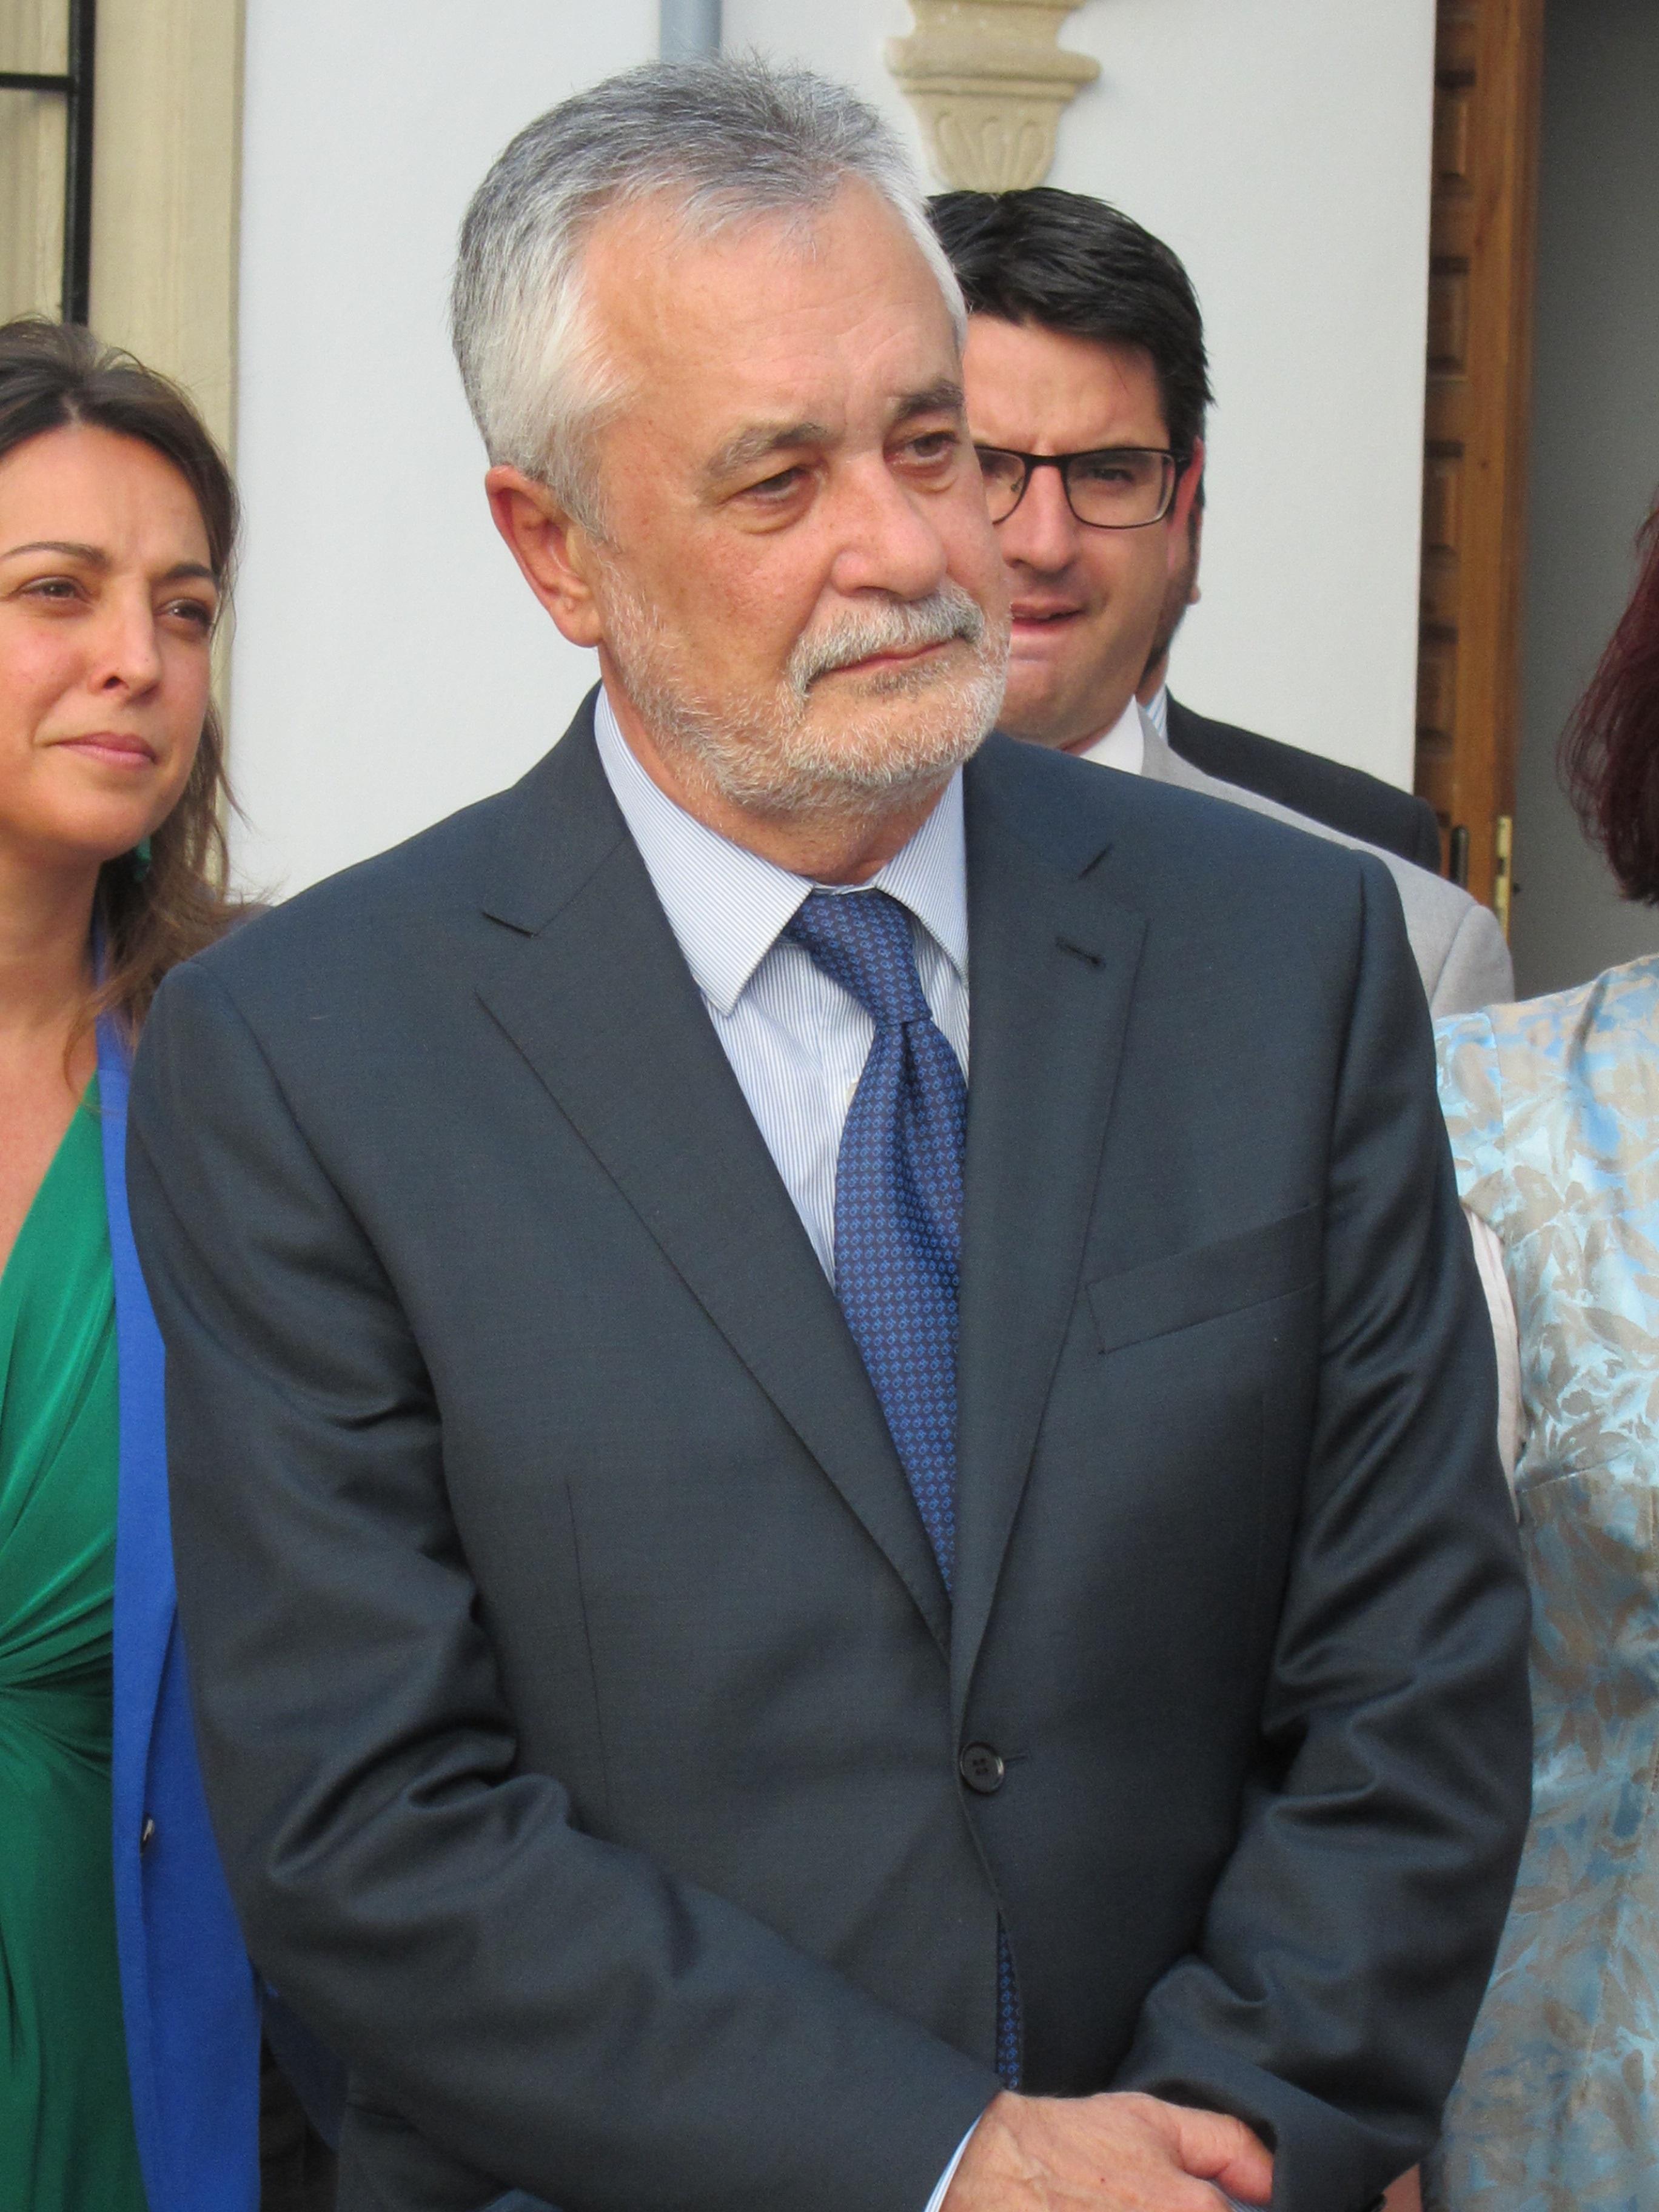 Griñán afirma que no está en su pensamiento dejar la presidencia de la Junta, «pero eso puede ocurrir o no»